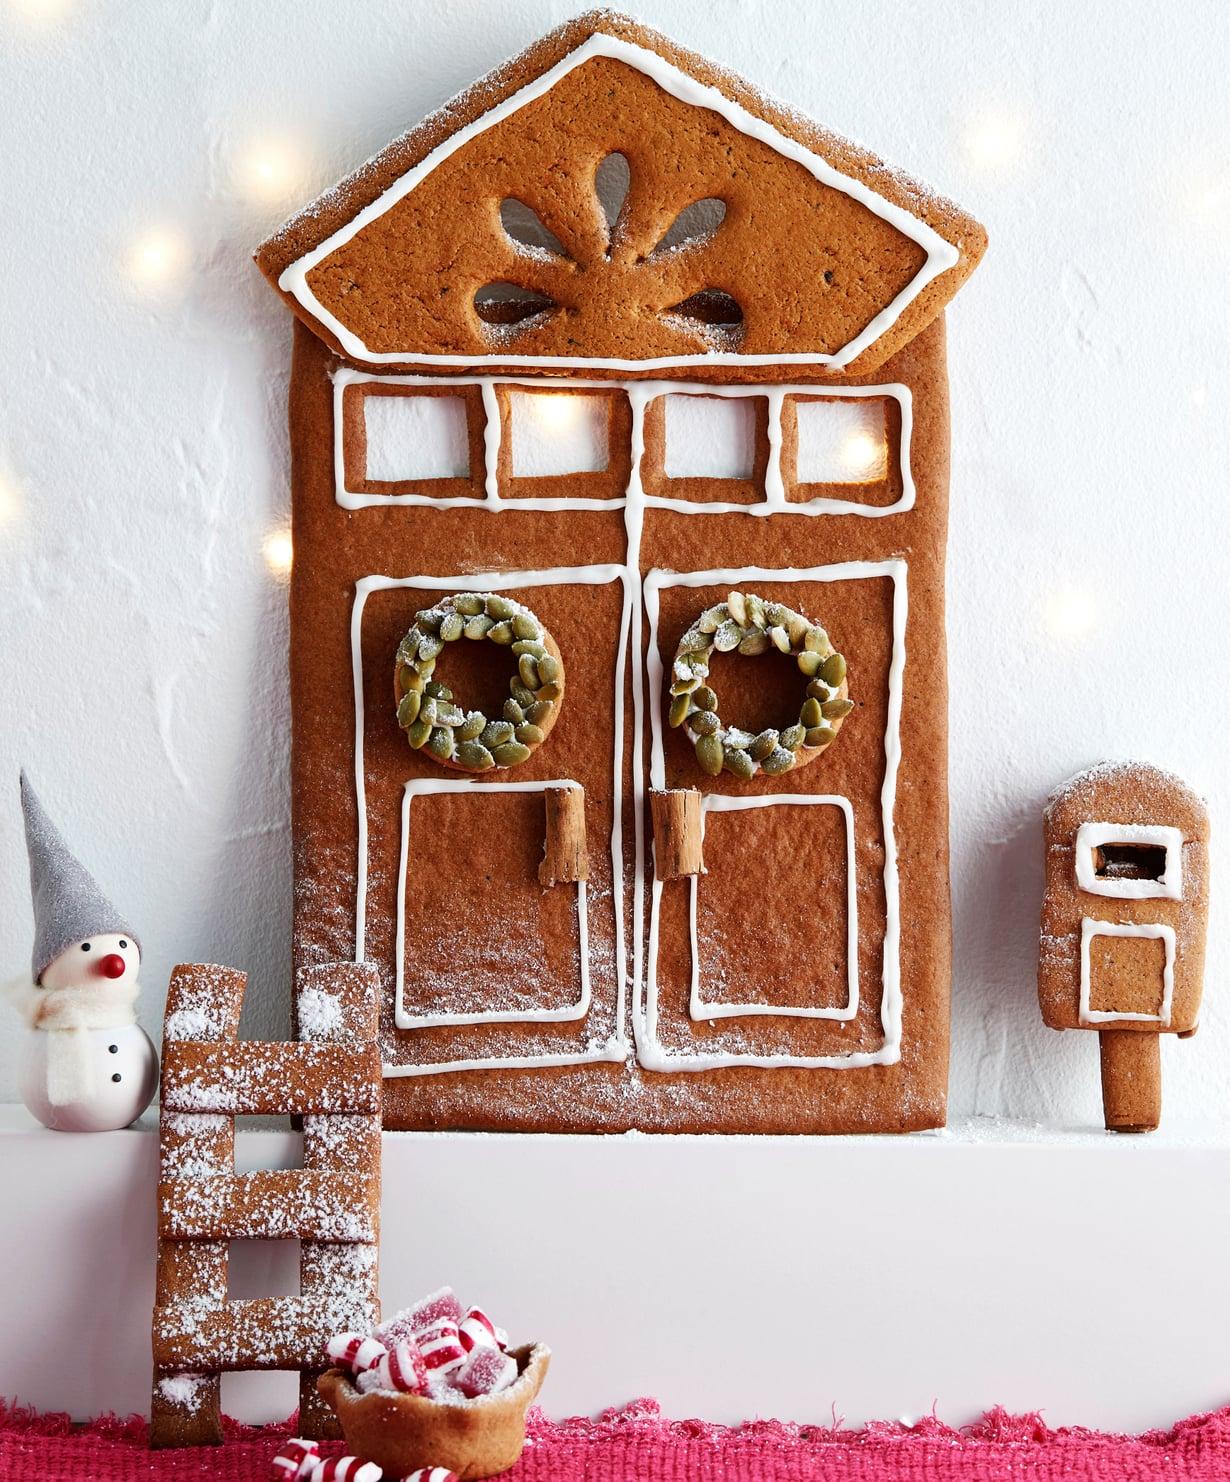 Joulufiilis hiipii kotiin piparisesta tonttuovesta.